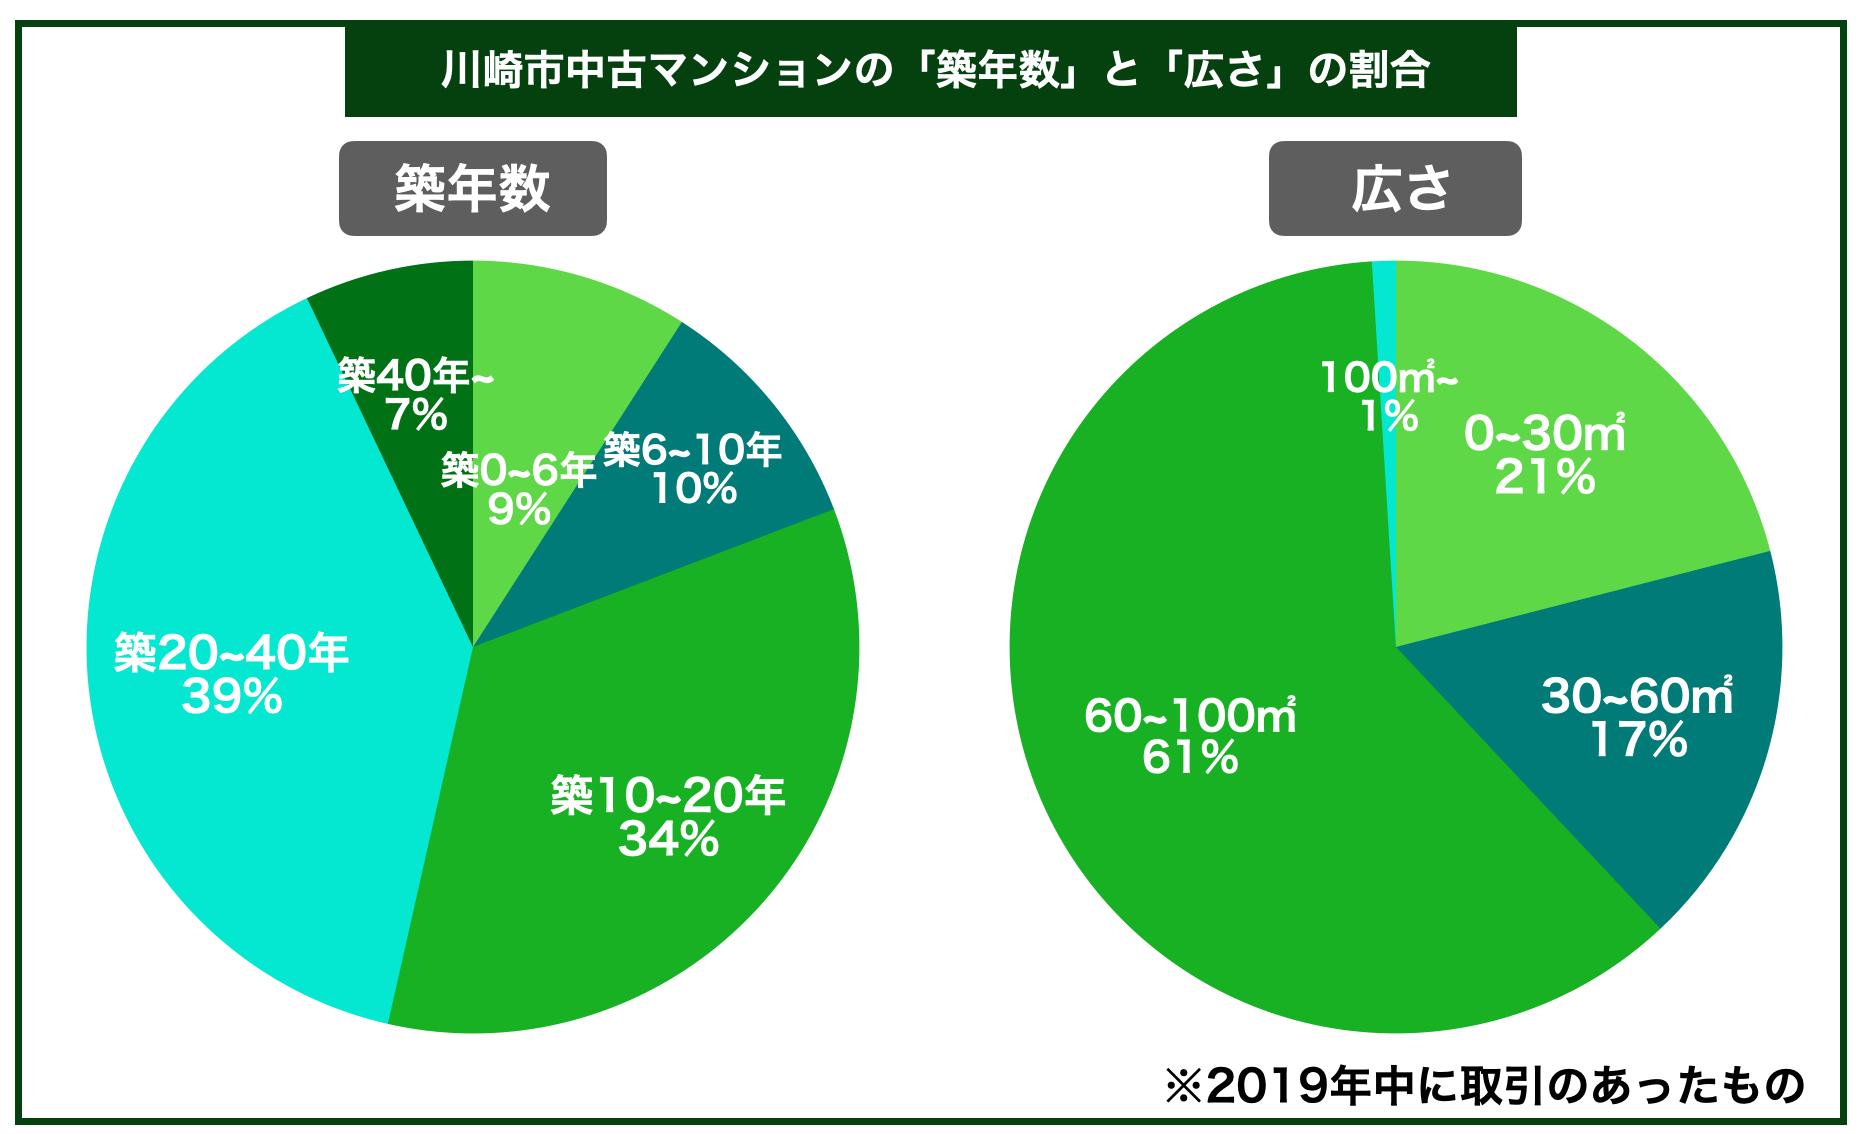 川崎市中古マンション築年数広さ割合